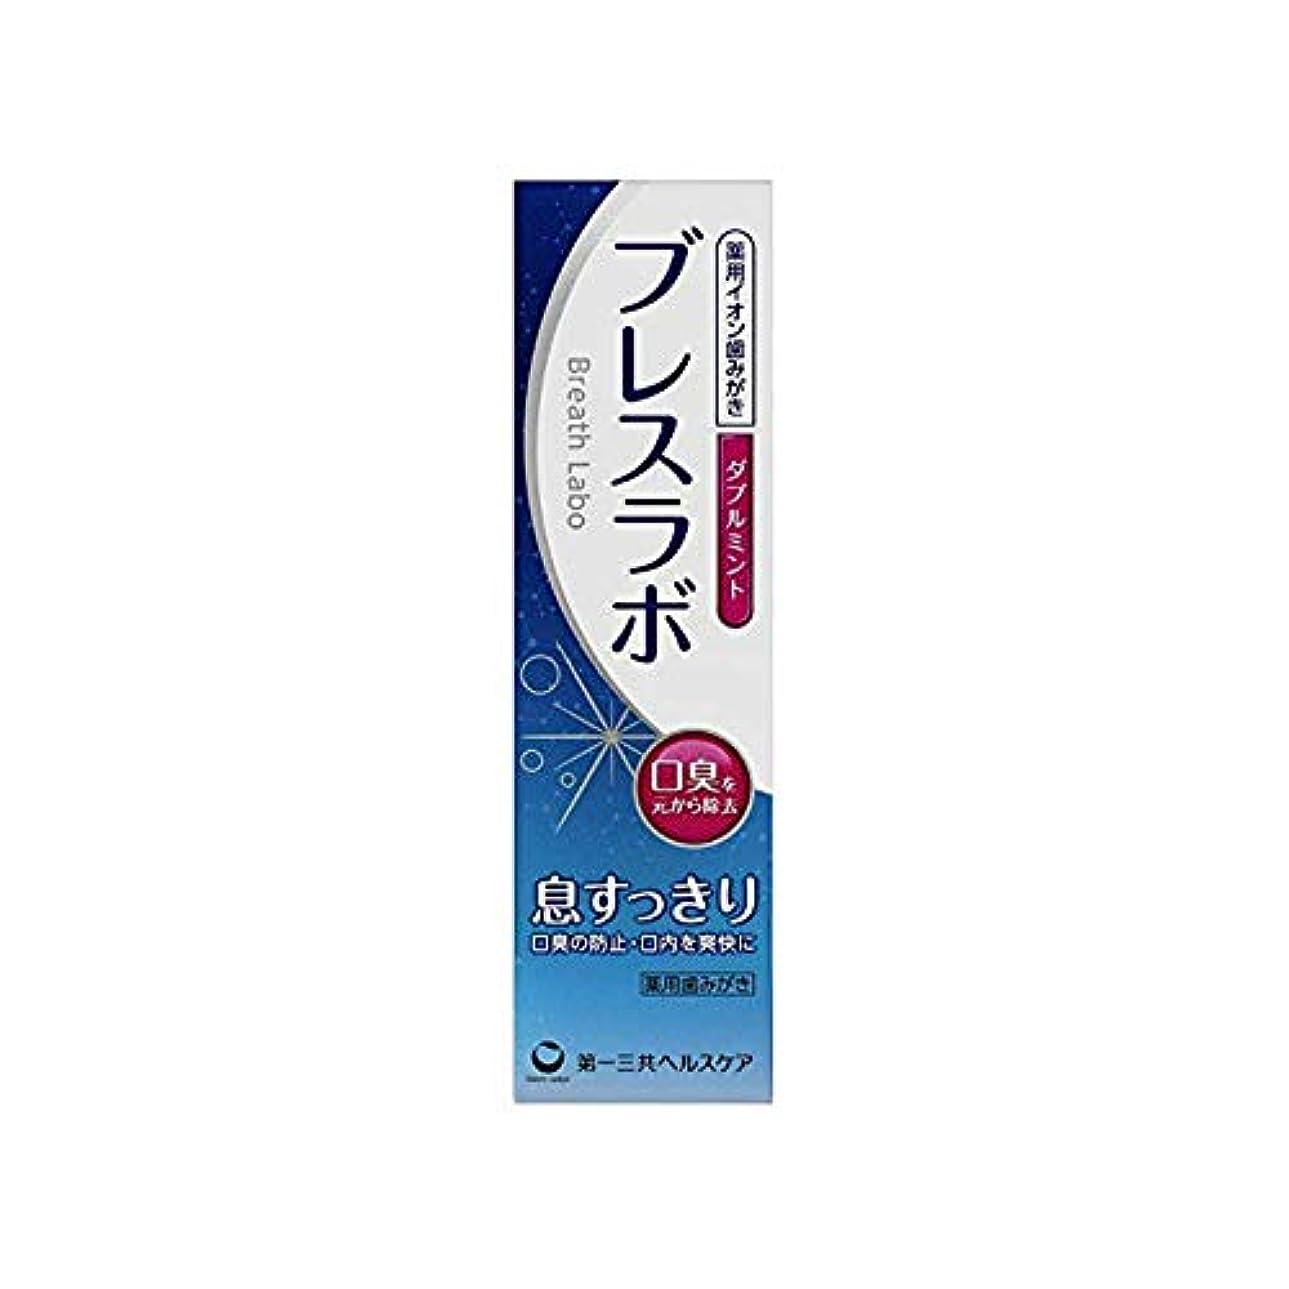 終わり穿孔するセールスマン【2個セット】ブレスラボ ダブルミント 90g